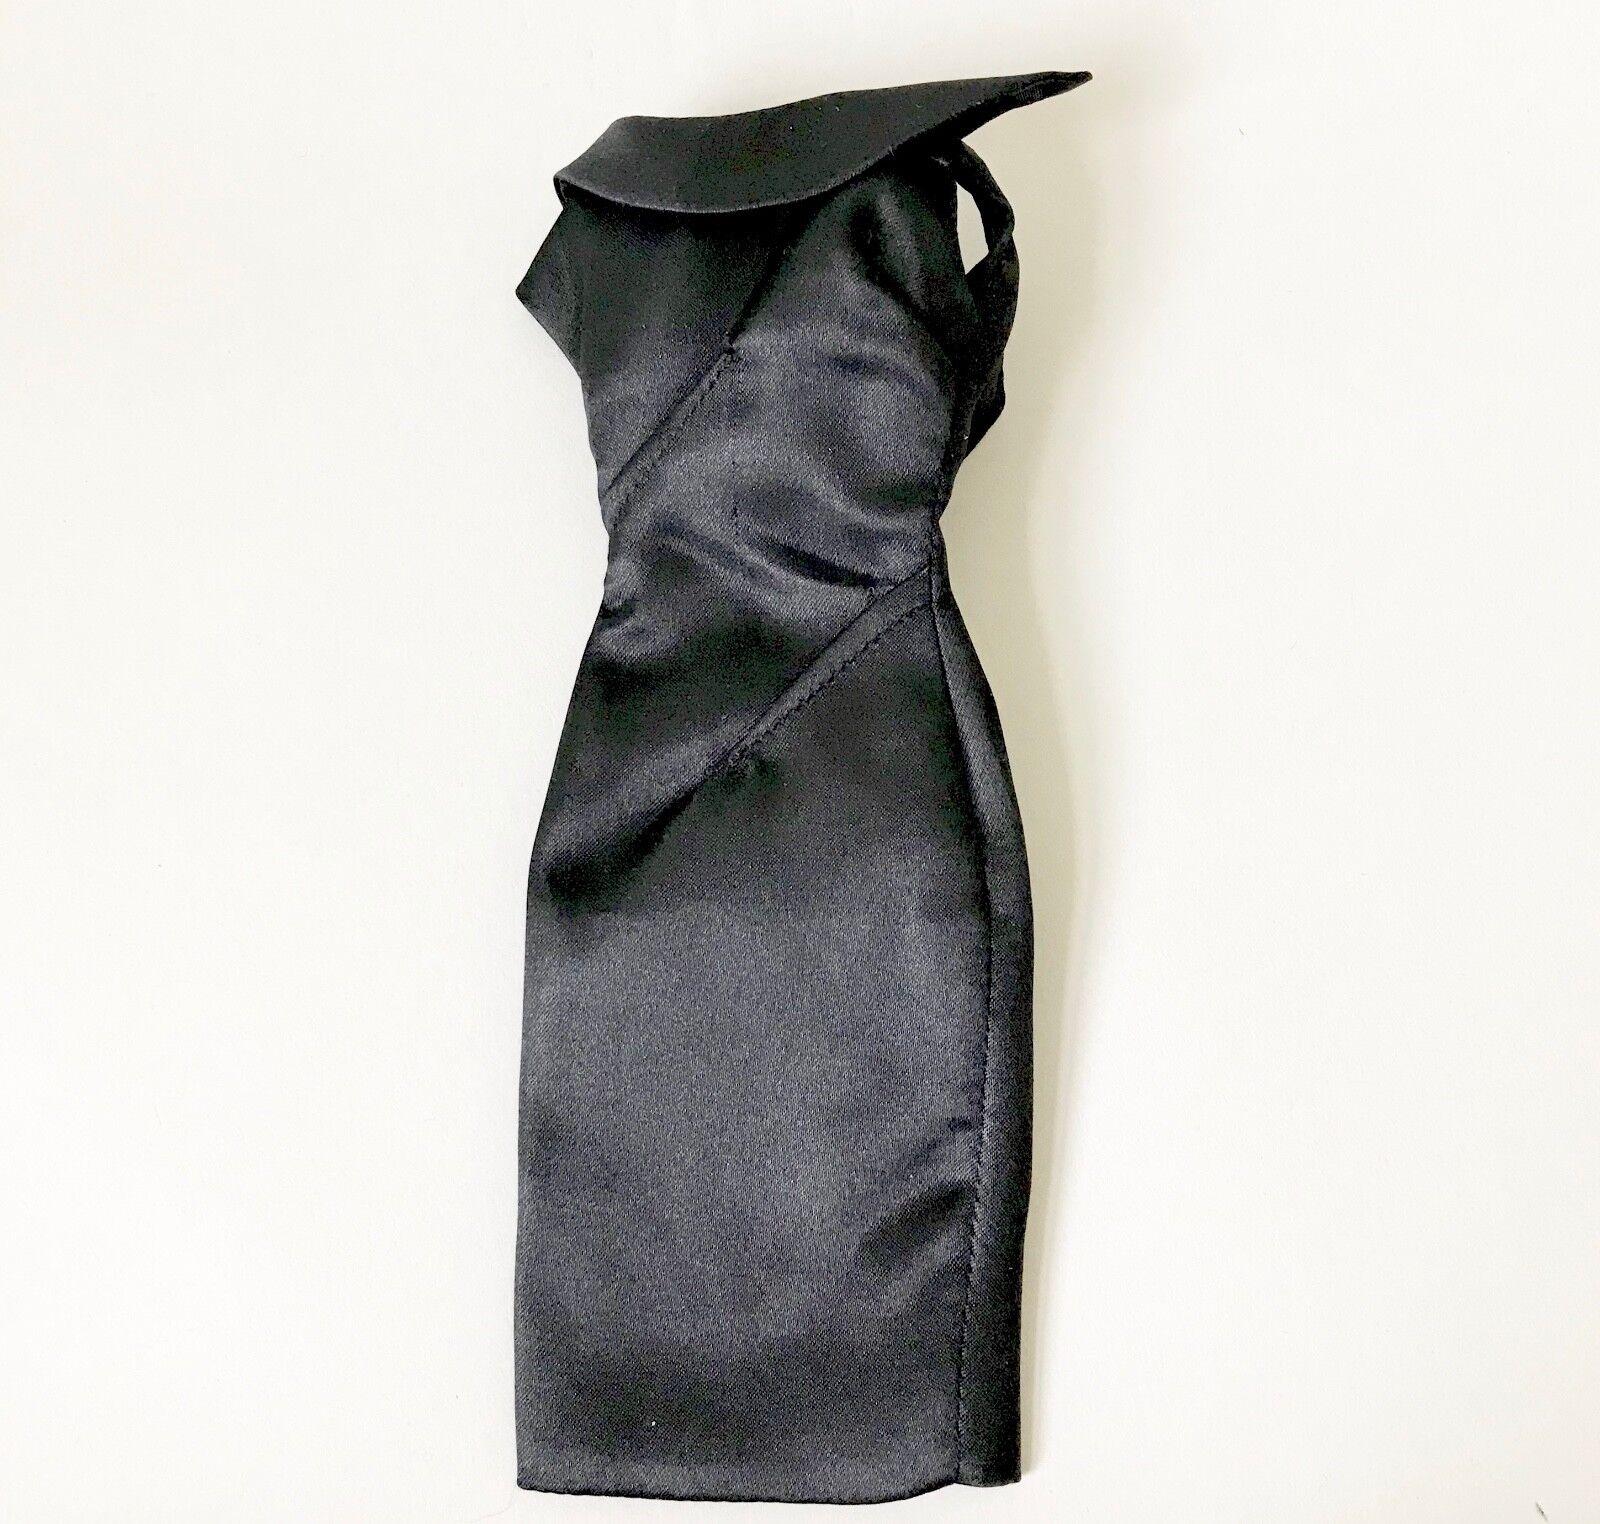 Moda Moda Moda realeza FR2 impecable traje de vestido negro Elyse 12 pulgadas Muñeca Muy Raro  suministro de productos de calidad